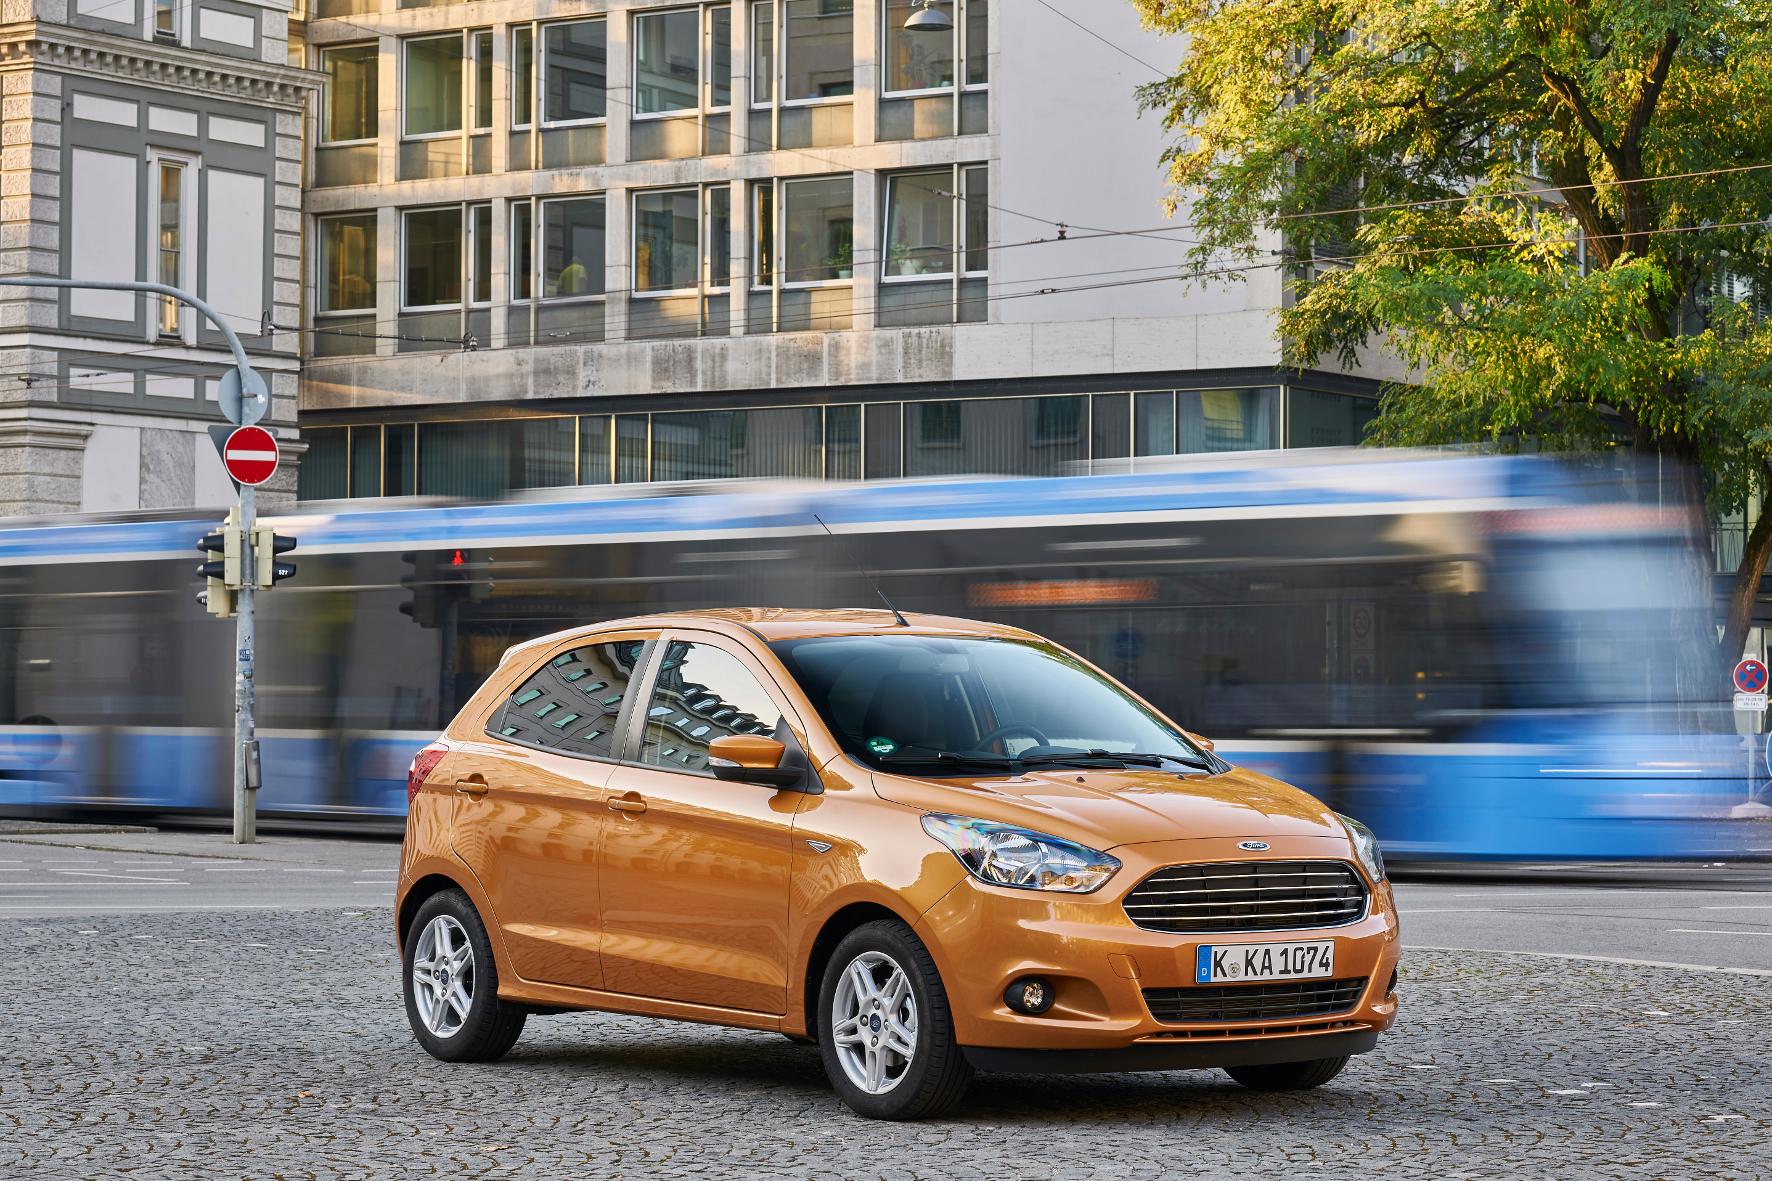 mid Engelskirchen - Pfiffiger Kleistwagen: Der neue Ka+ von Ford ist 30 Zentimeter länger als sein Vorgänger.